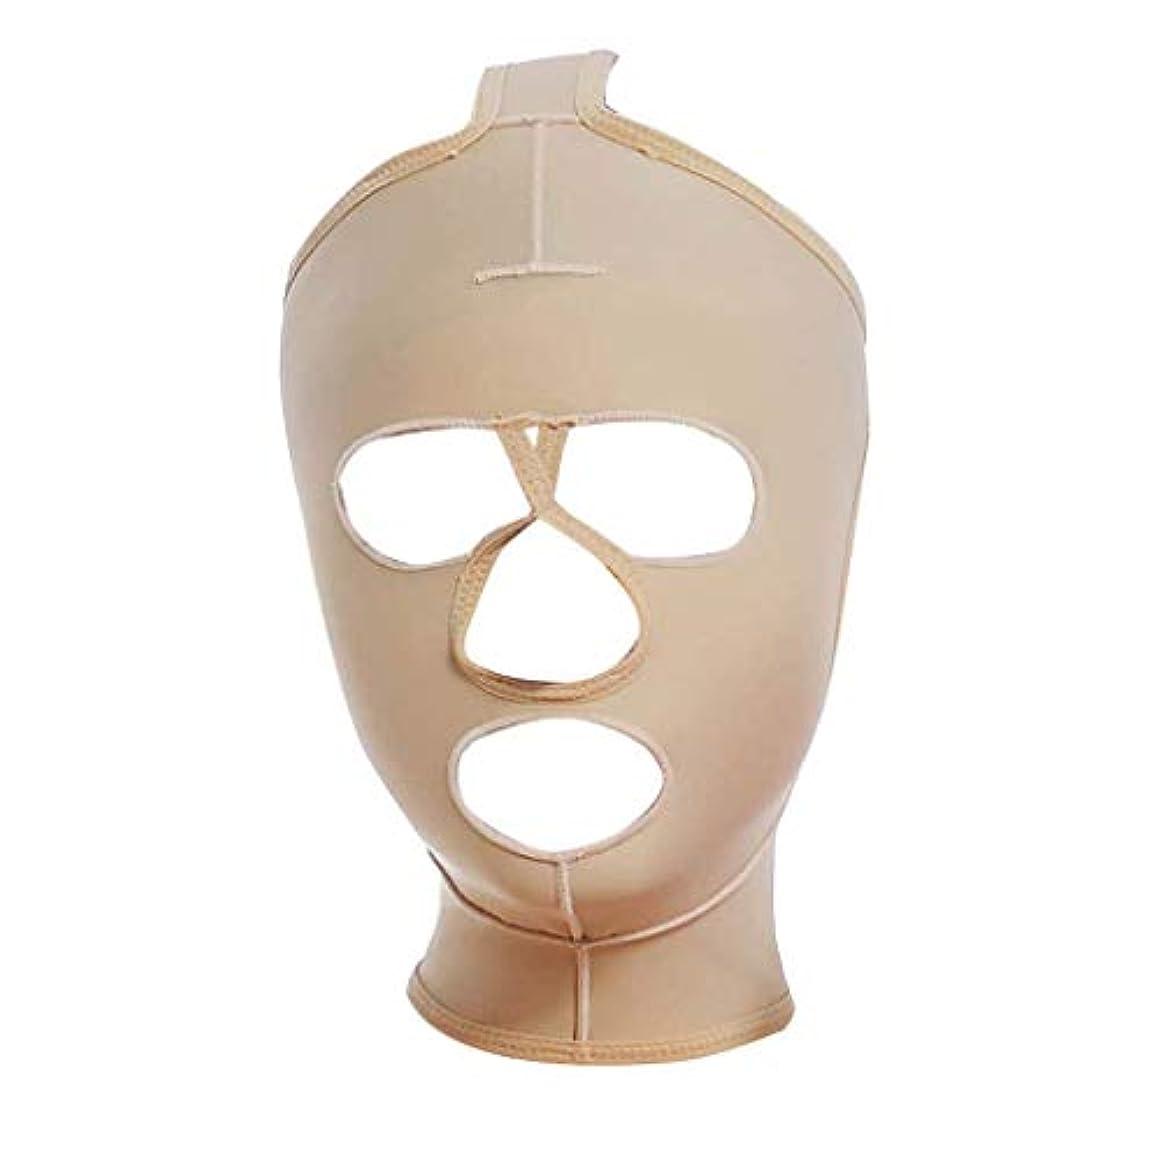 アソシエイトグローバル競争力のあるフェイス&ネックリフト、減量フェイスマスク脂肪吸引術脂肪吸引術整形マスクフードフェイスリフティングアーティファクトVフェイスビームフェイス弾性スリーブ(サイズ:XXL),Xl